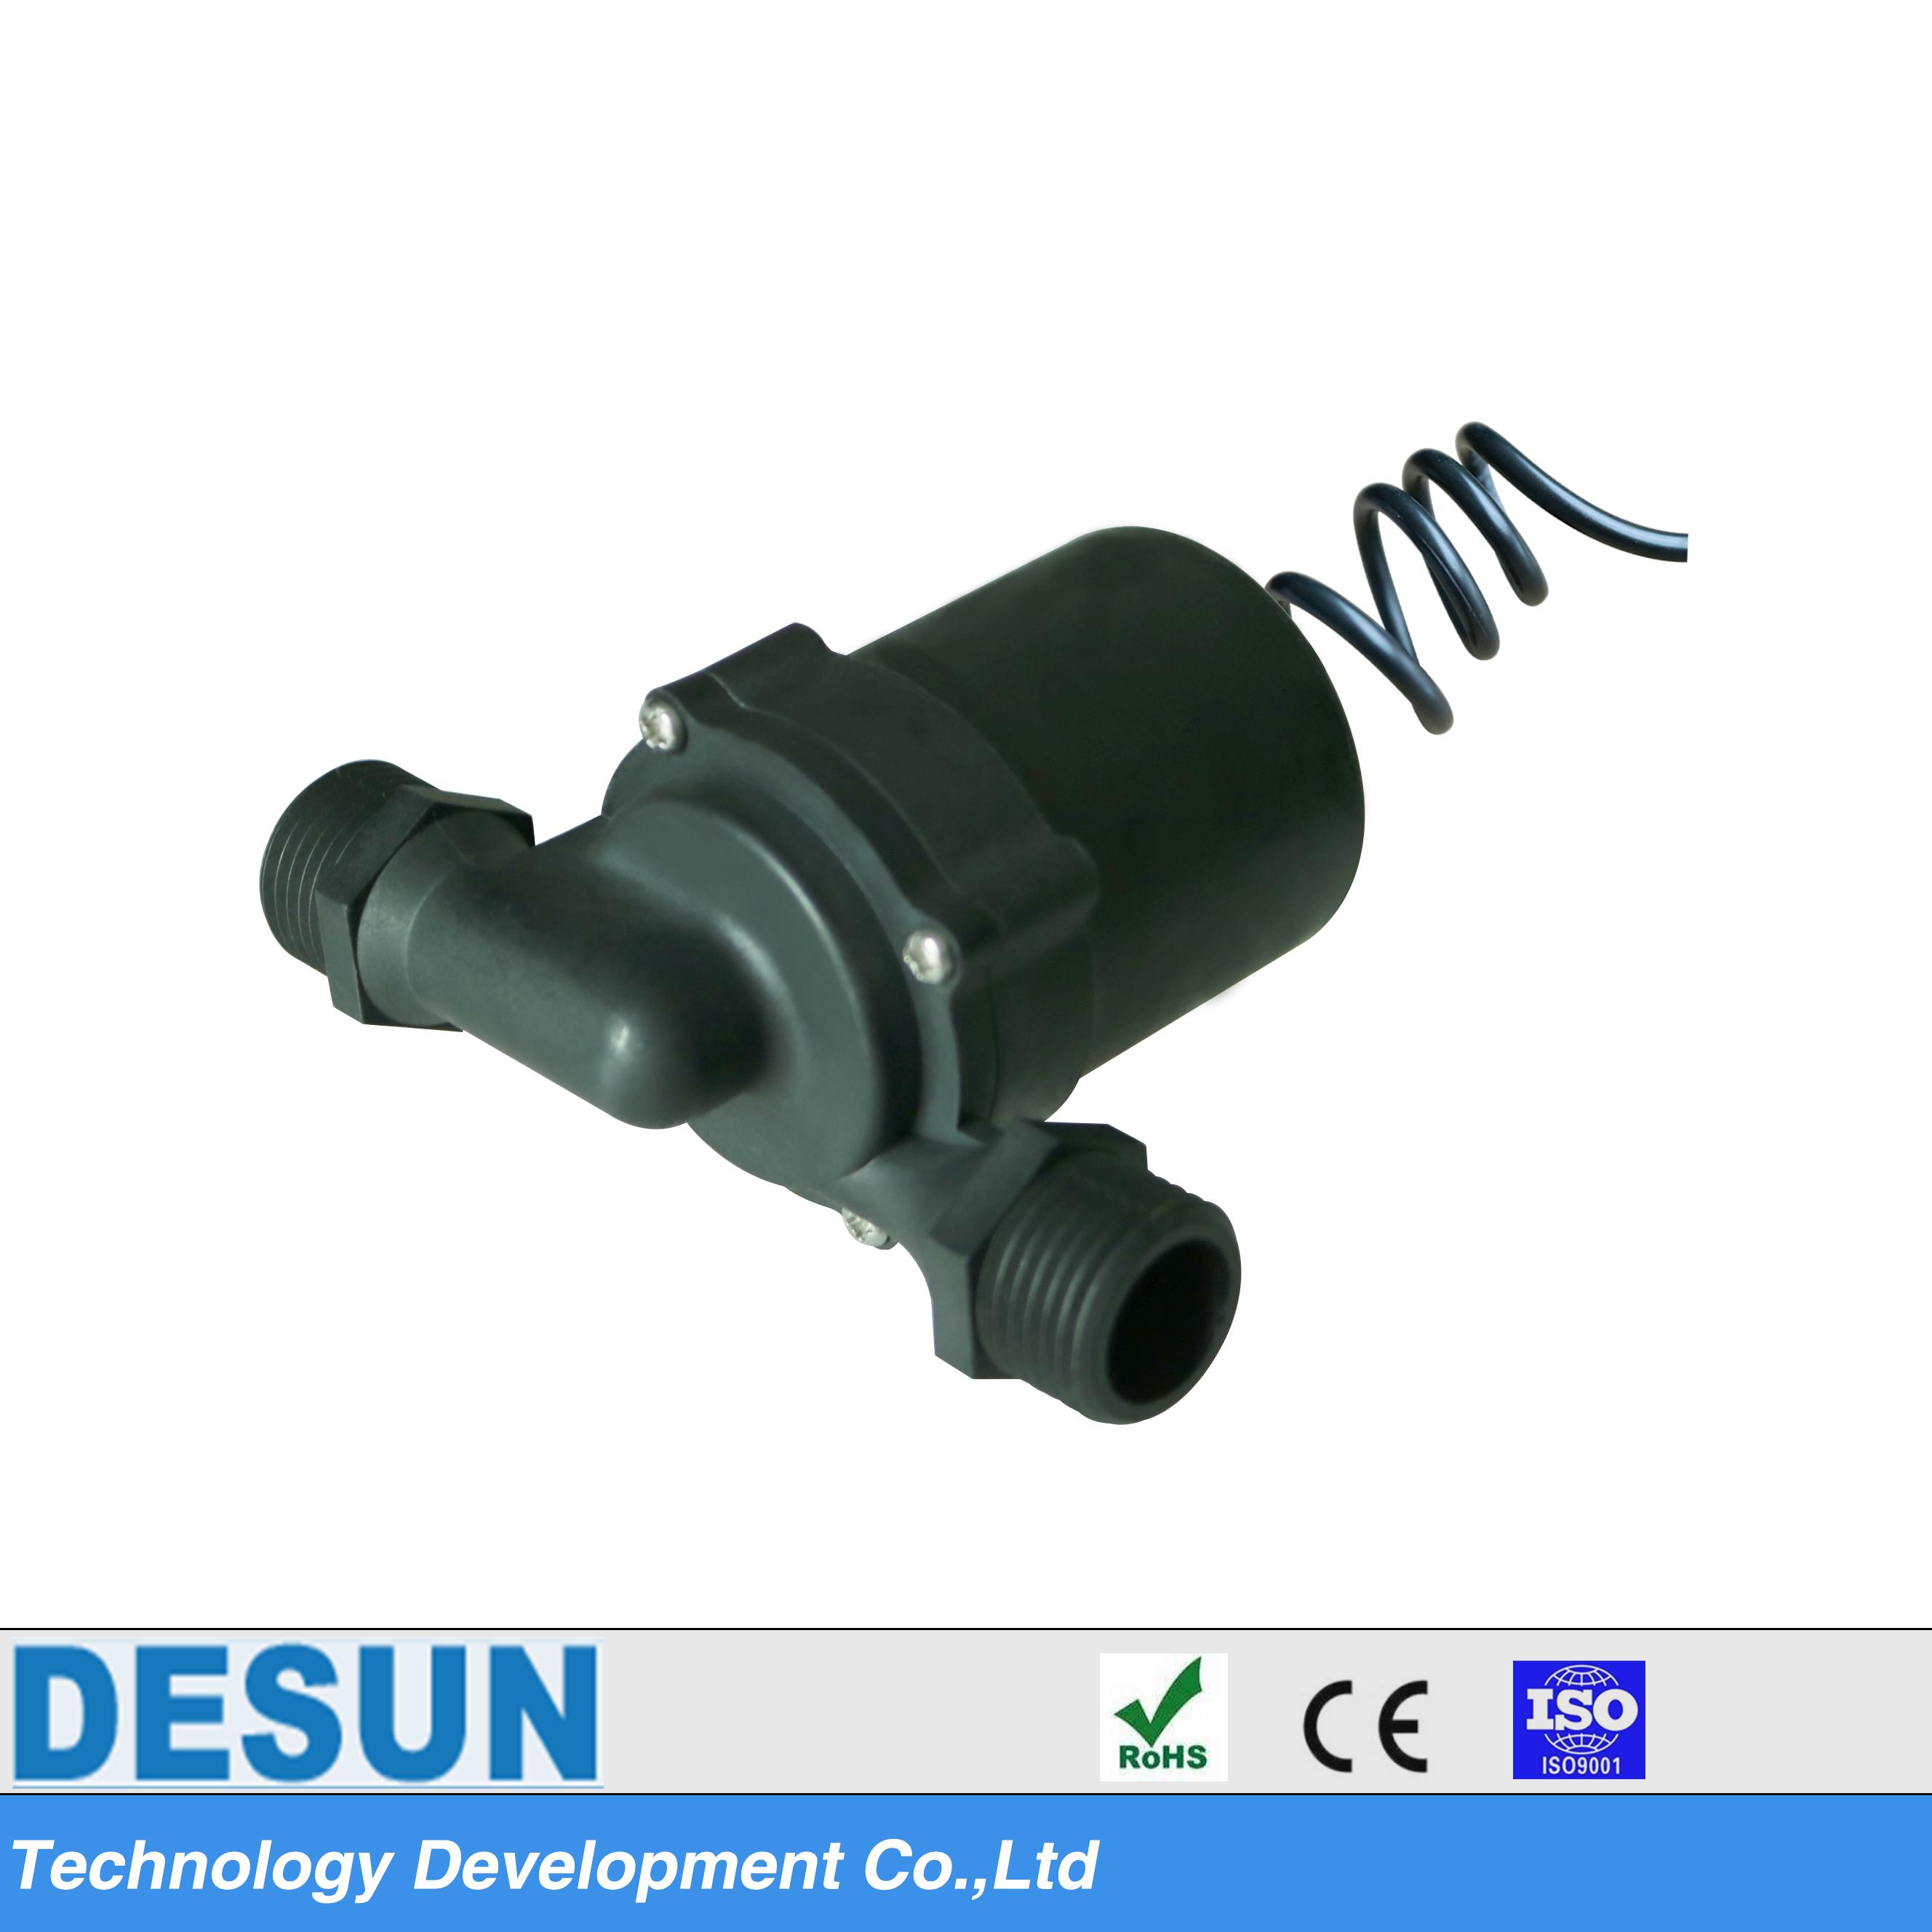 微型直流水泵DS4502